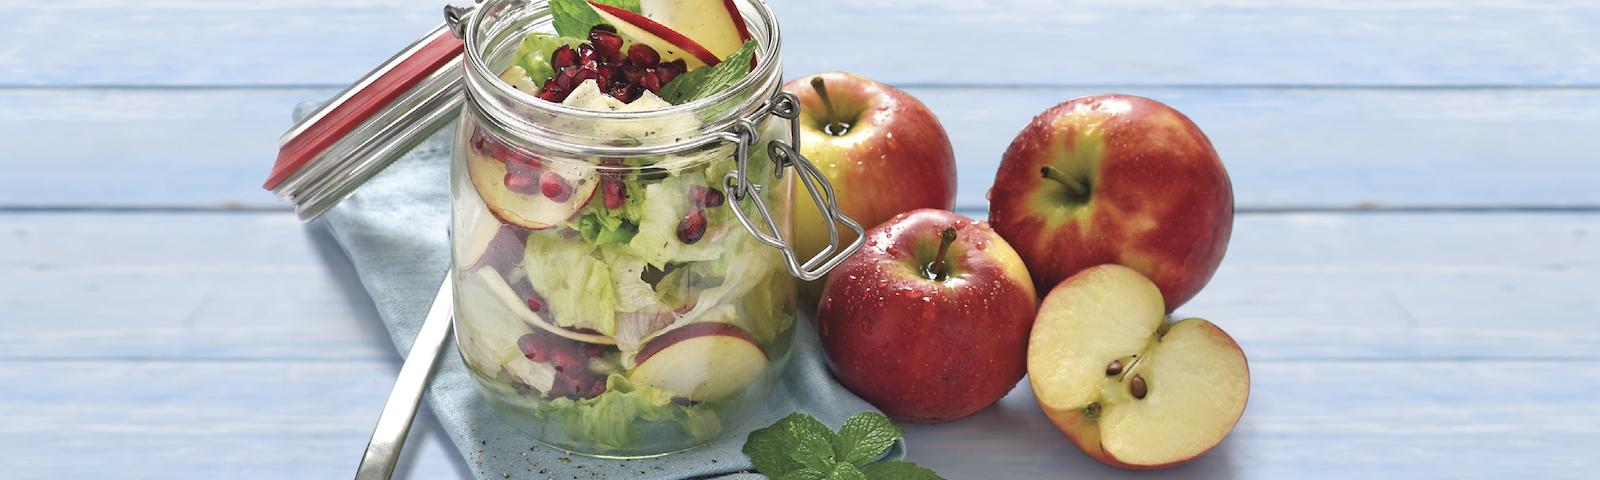 Salat mit Apfel und Minze